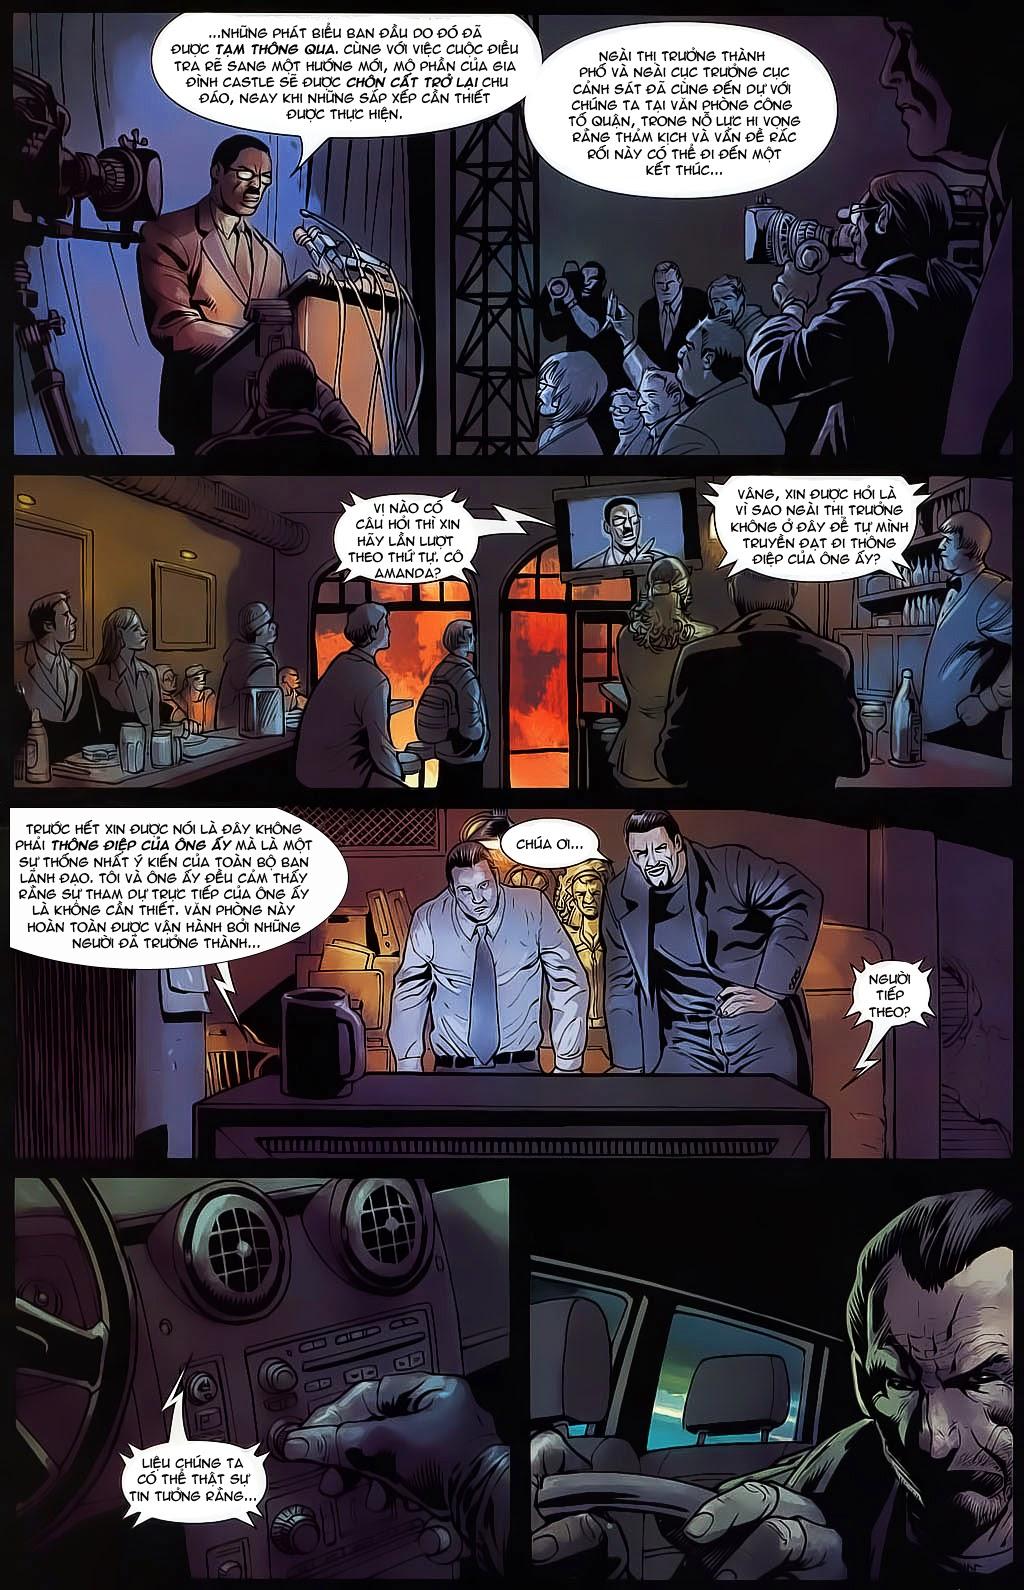 The Punisher: Trên là Dưới & Trắng là Đen chap 4 - Trang 18